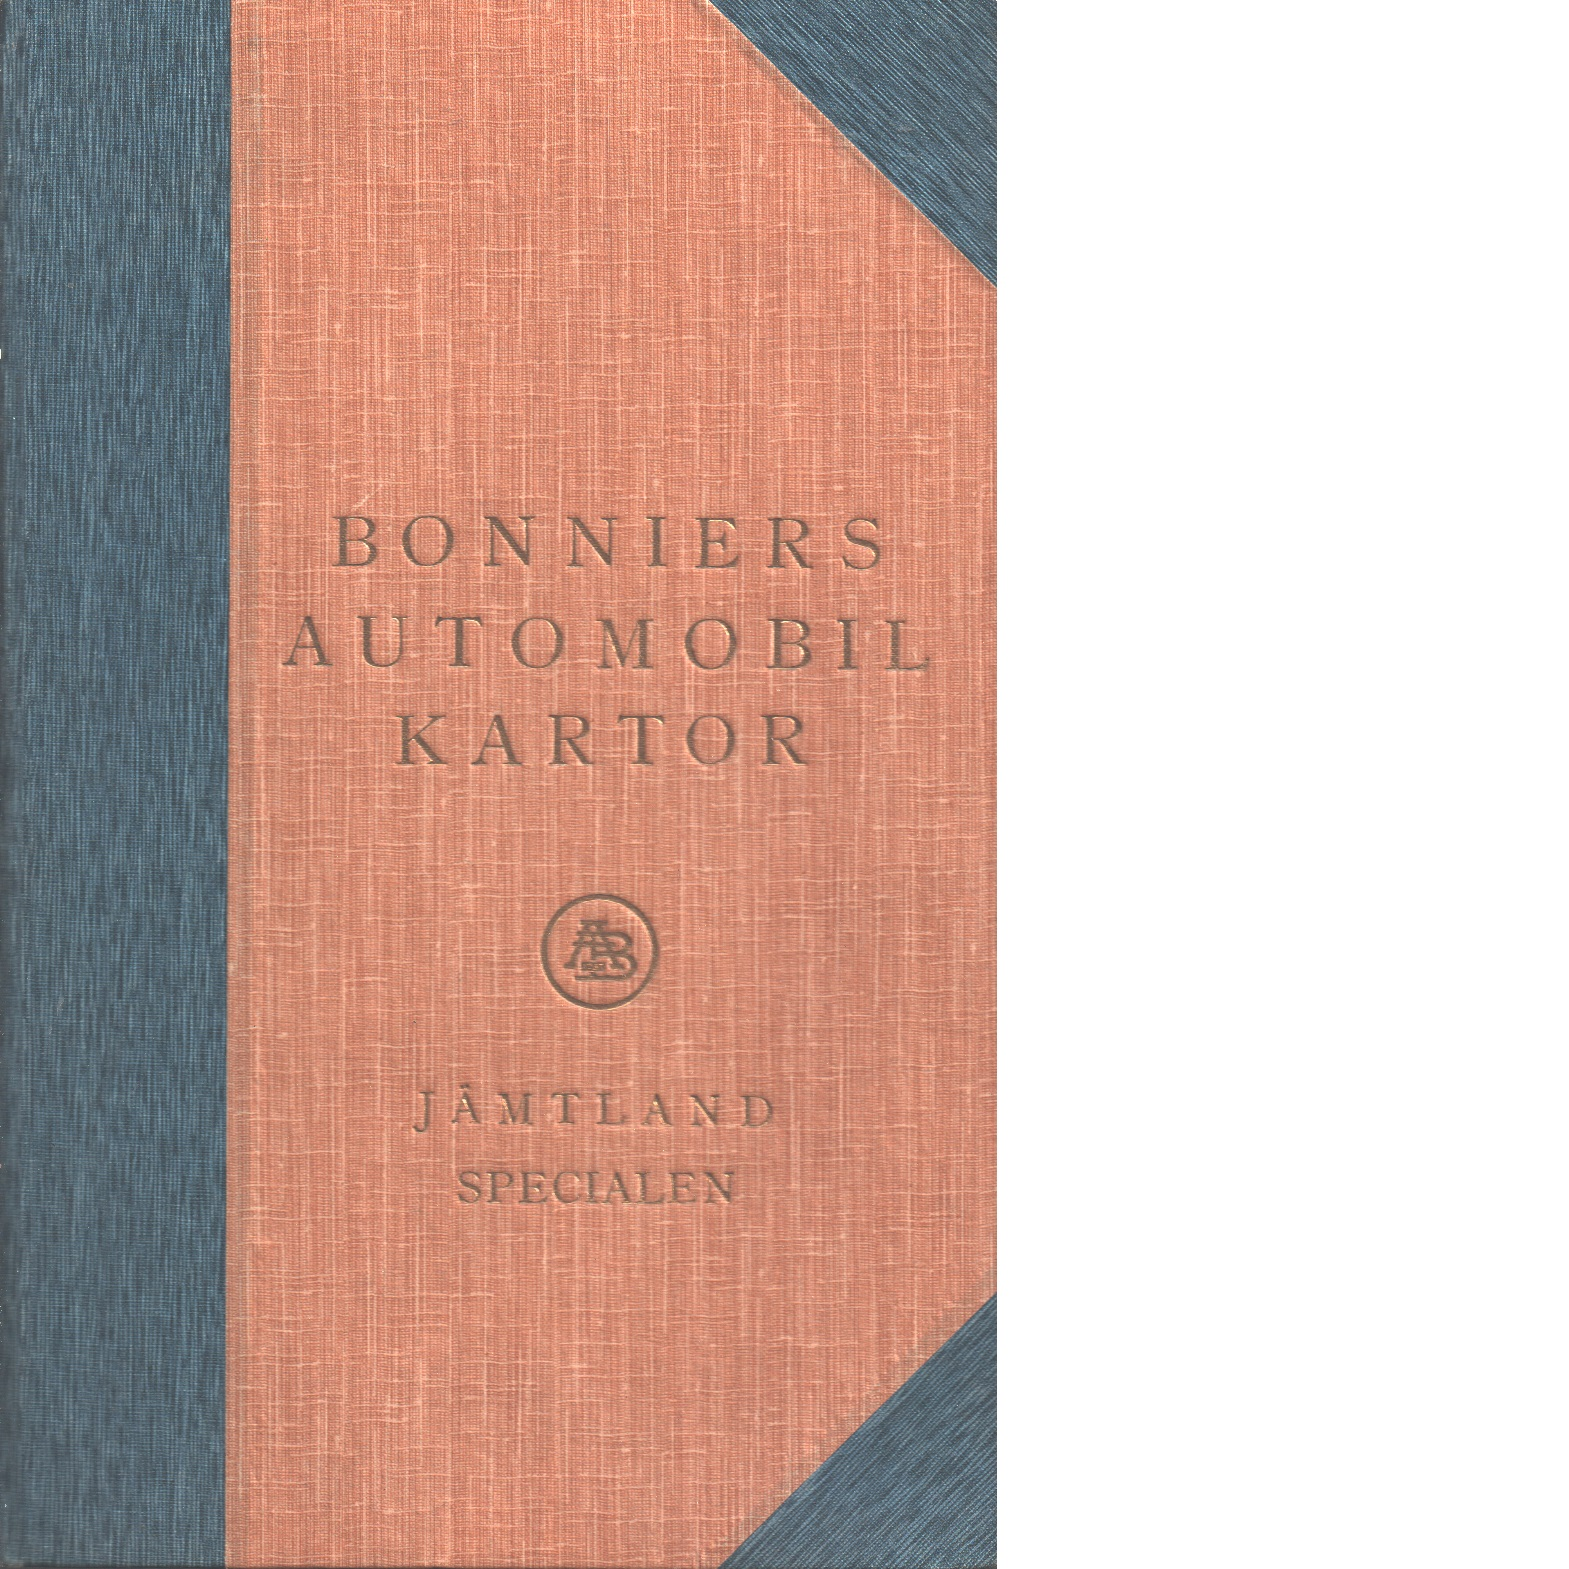 Bonniers Automobilkartor Jämtland..specialen - Red.